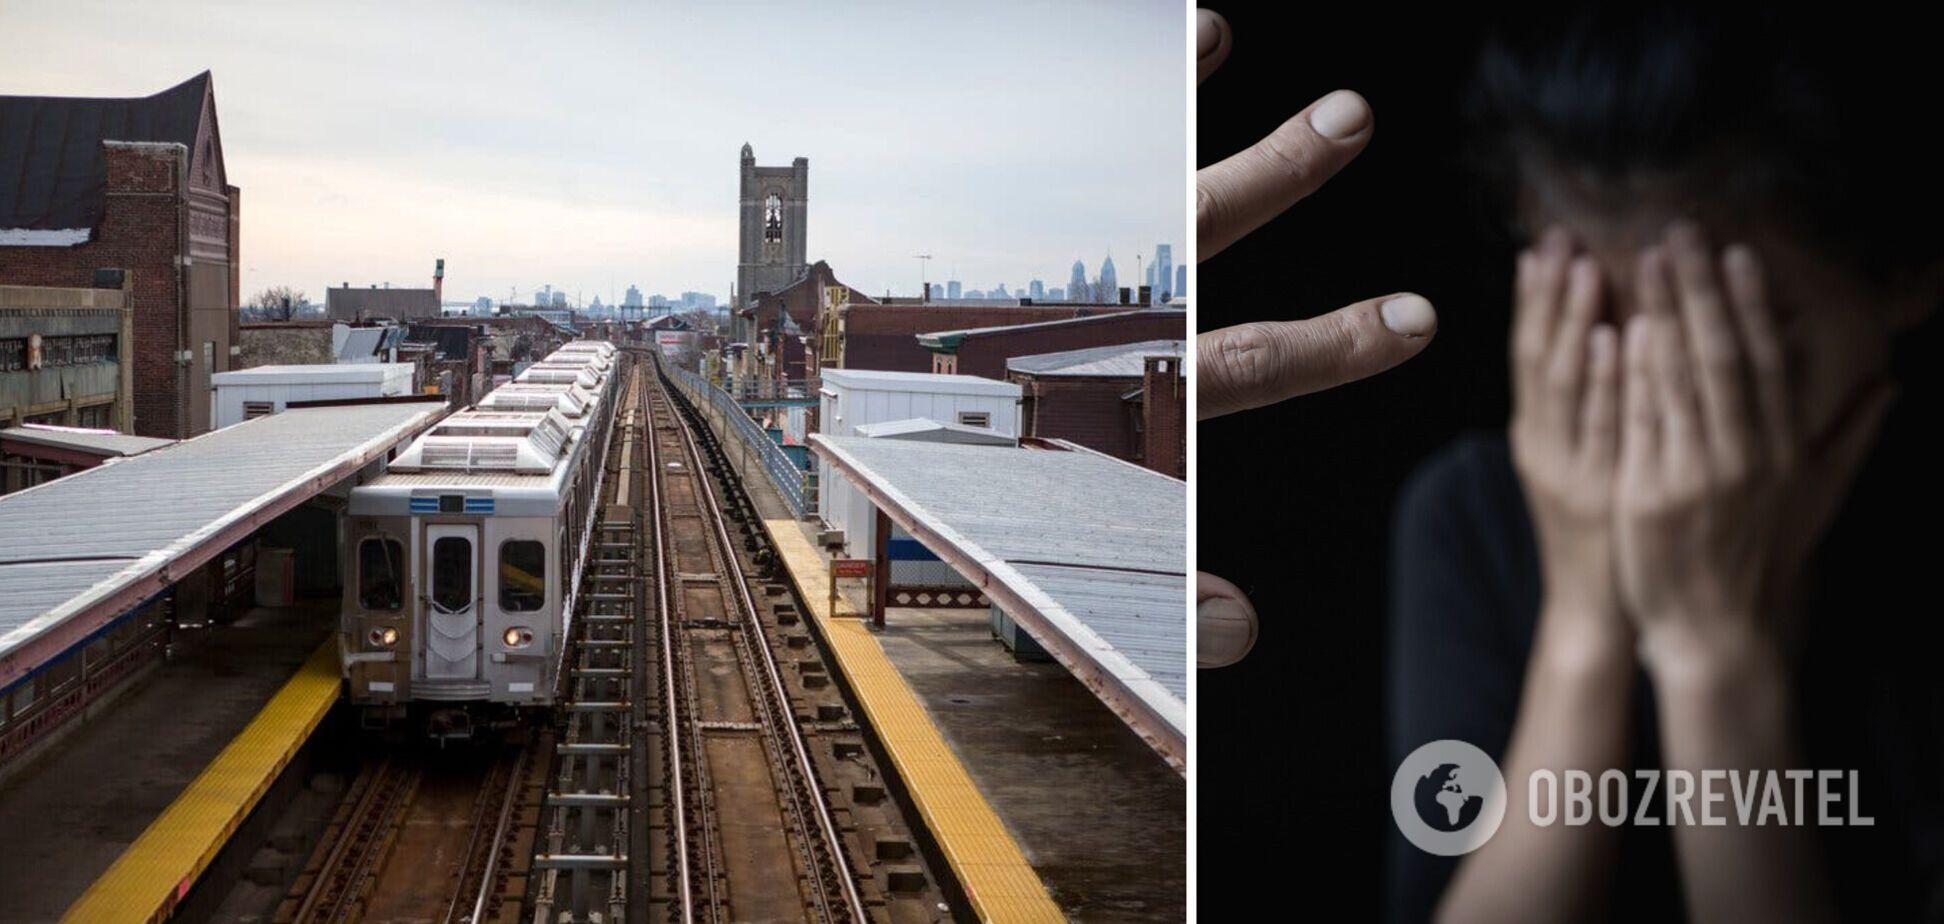 В поезде изнасиловали женщину